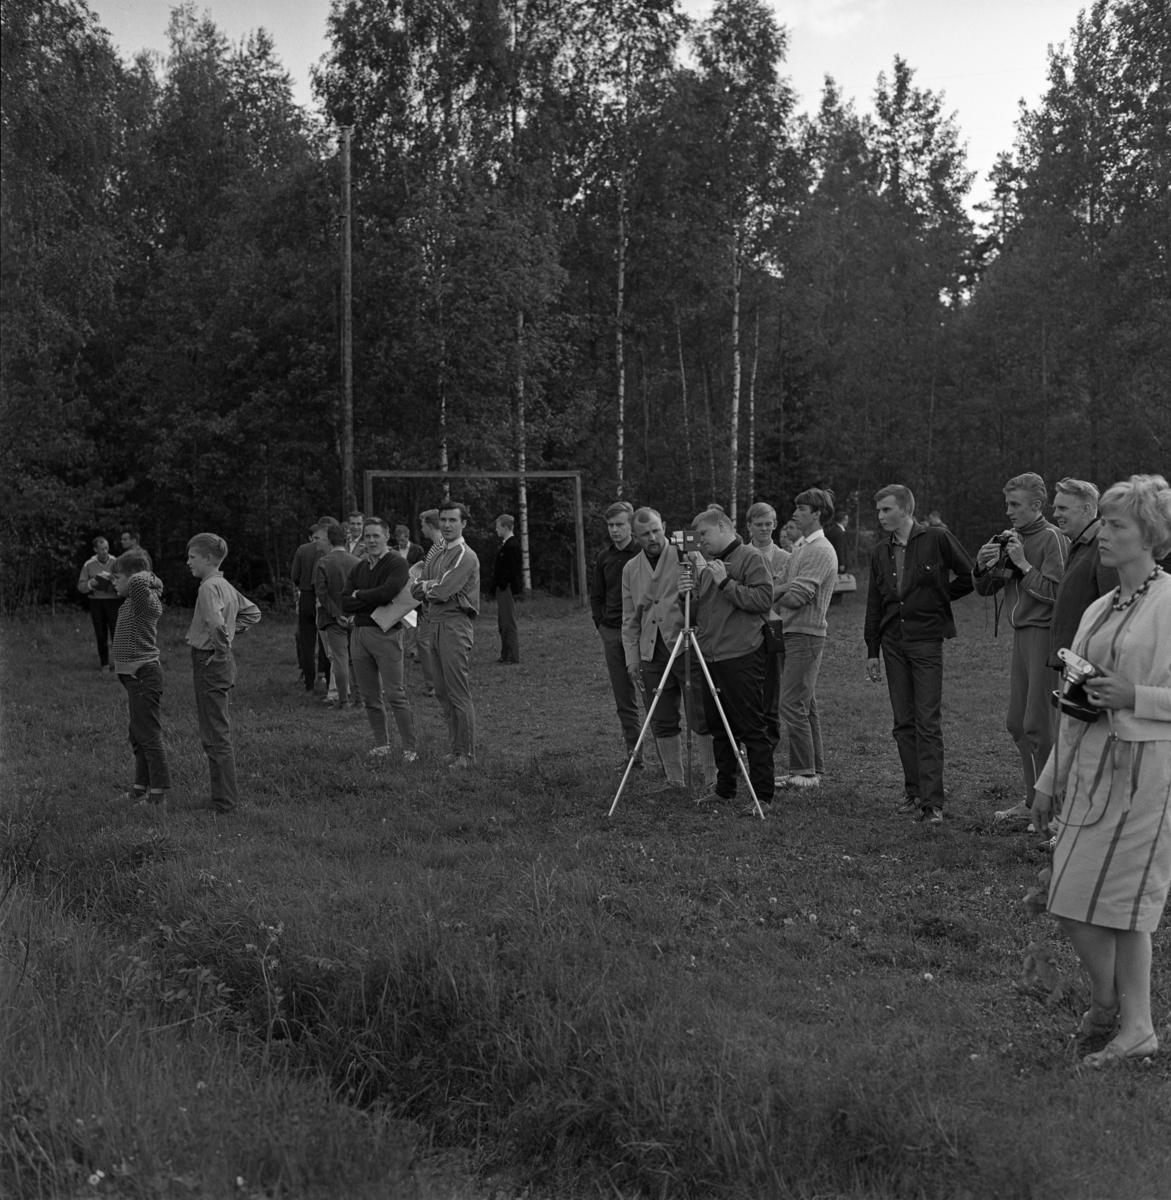 Tele-kaveln, orienteringstävling. Här står publiken, i skogskanten, med kameror och filmkameror i högsta hugg.